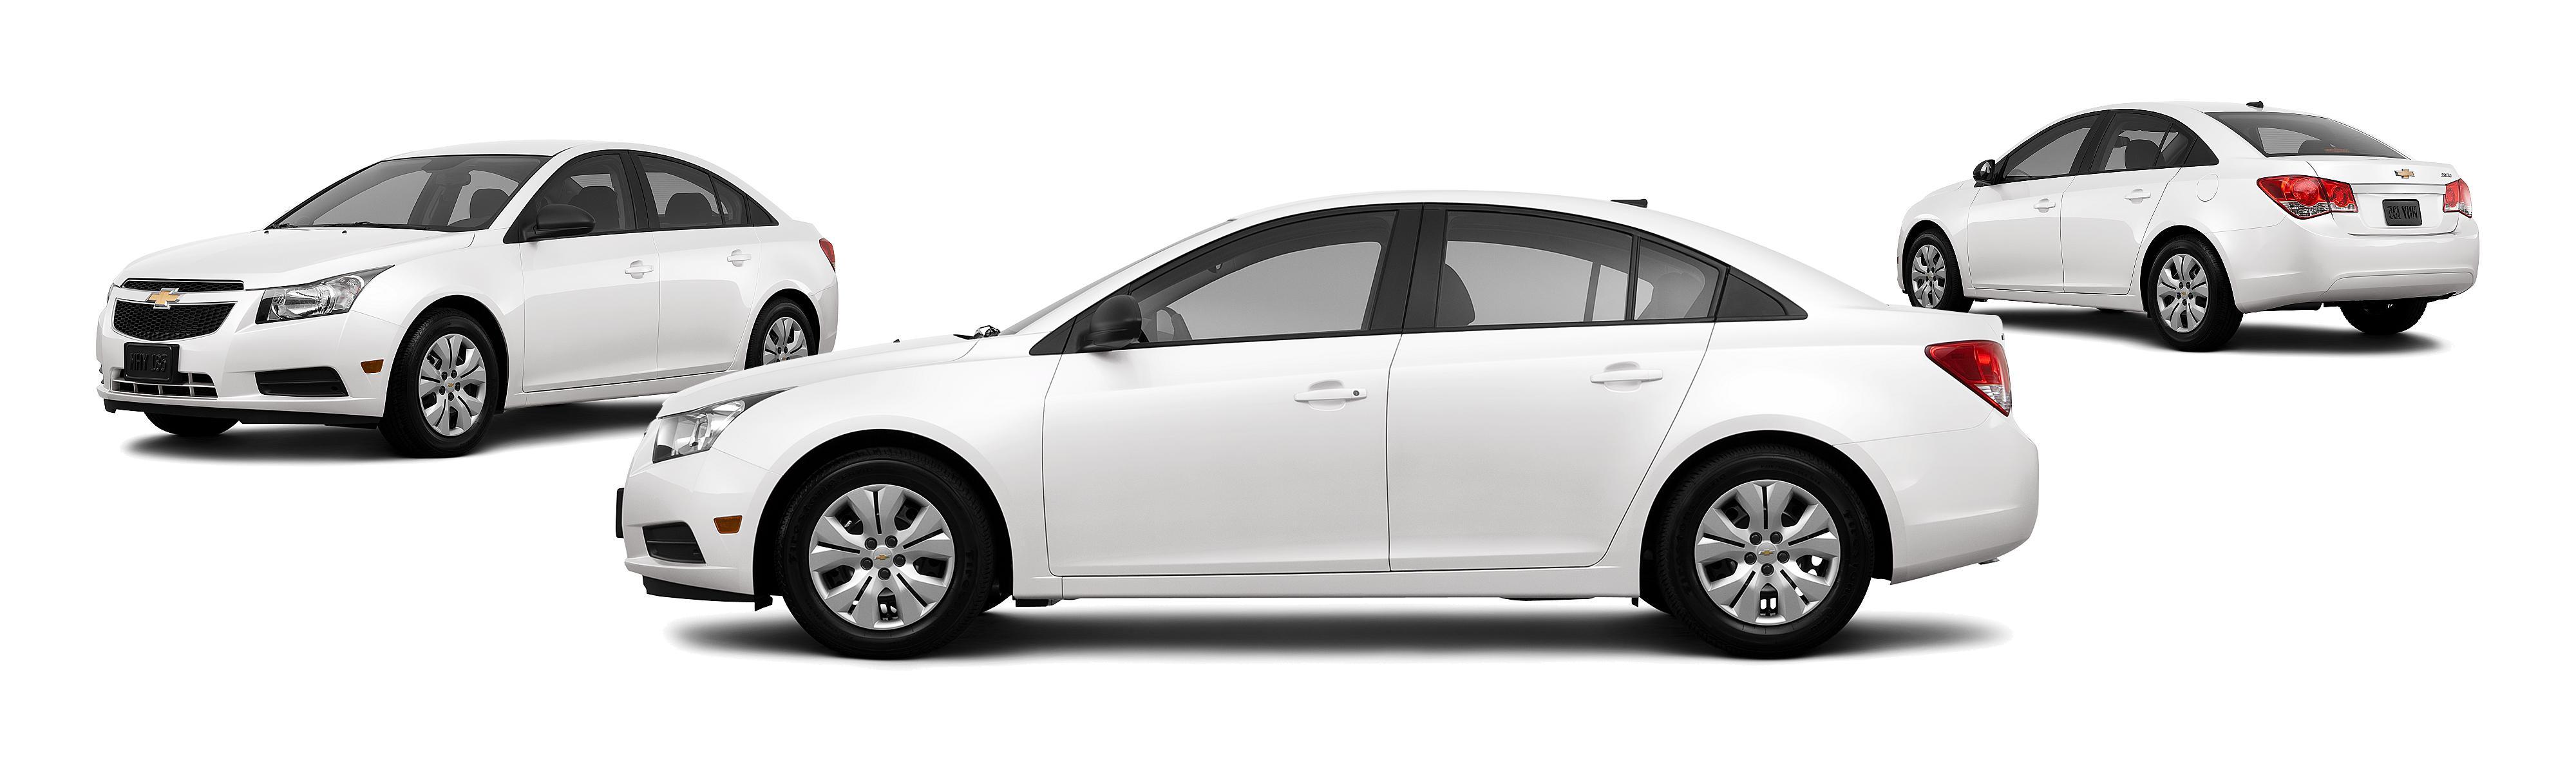 Chevrolet Cruze Repair Manual: Front Side Door Window Replacement